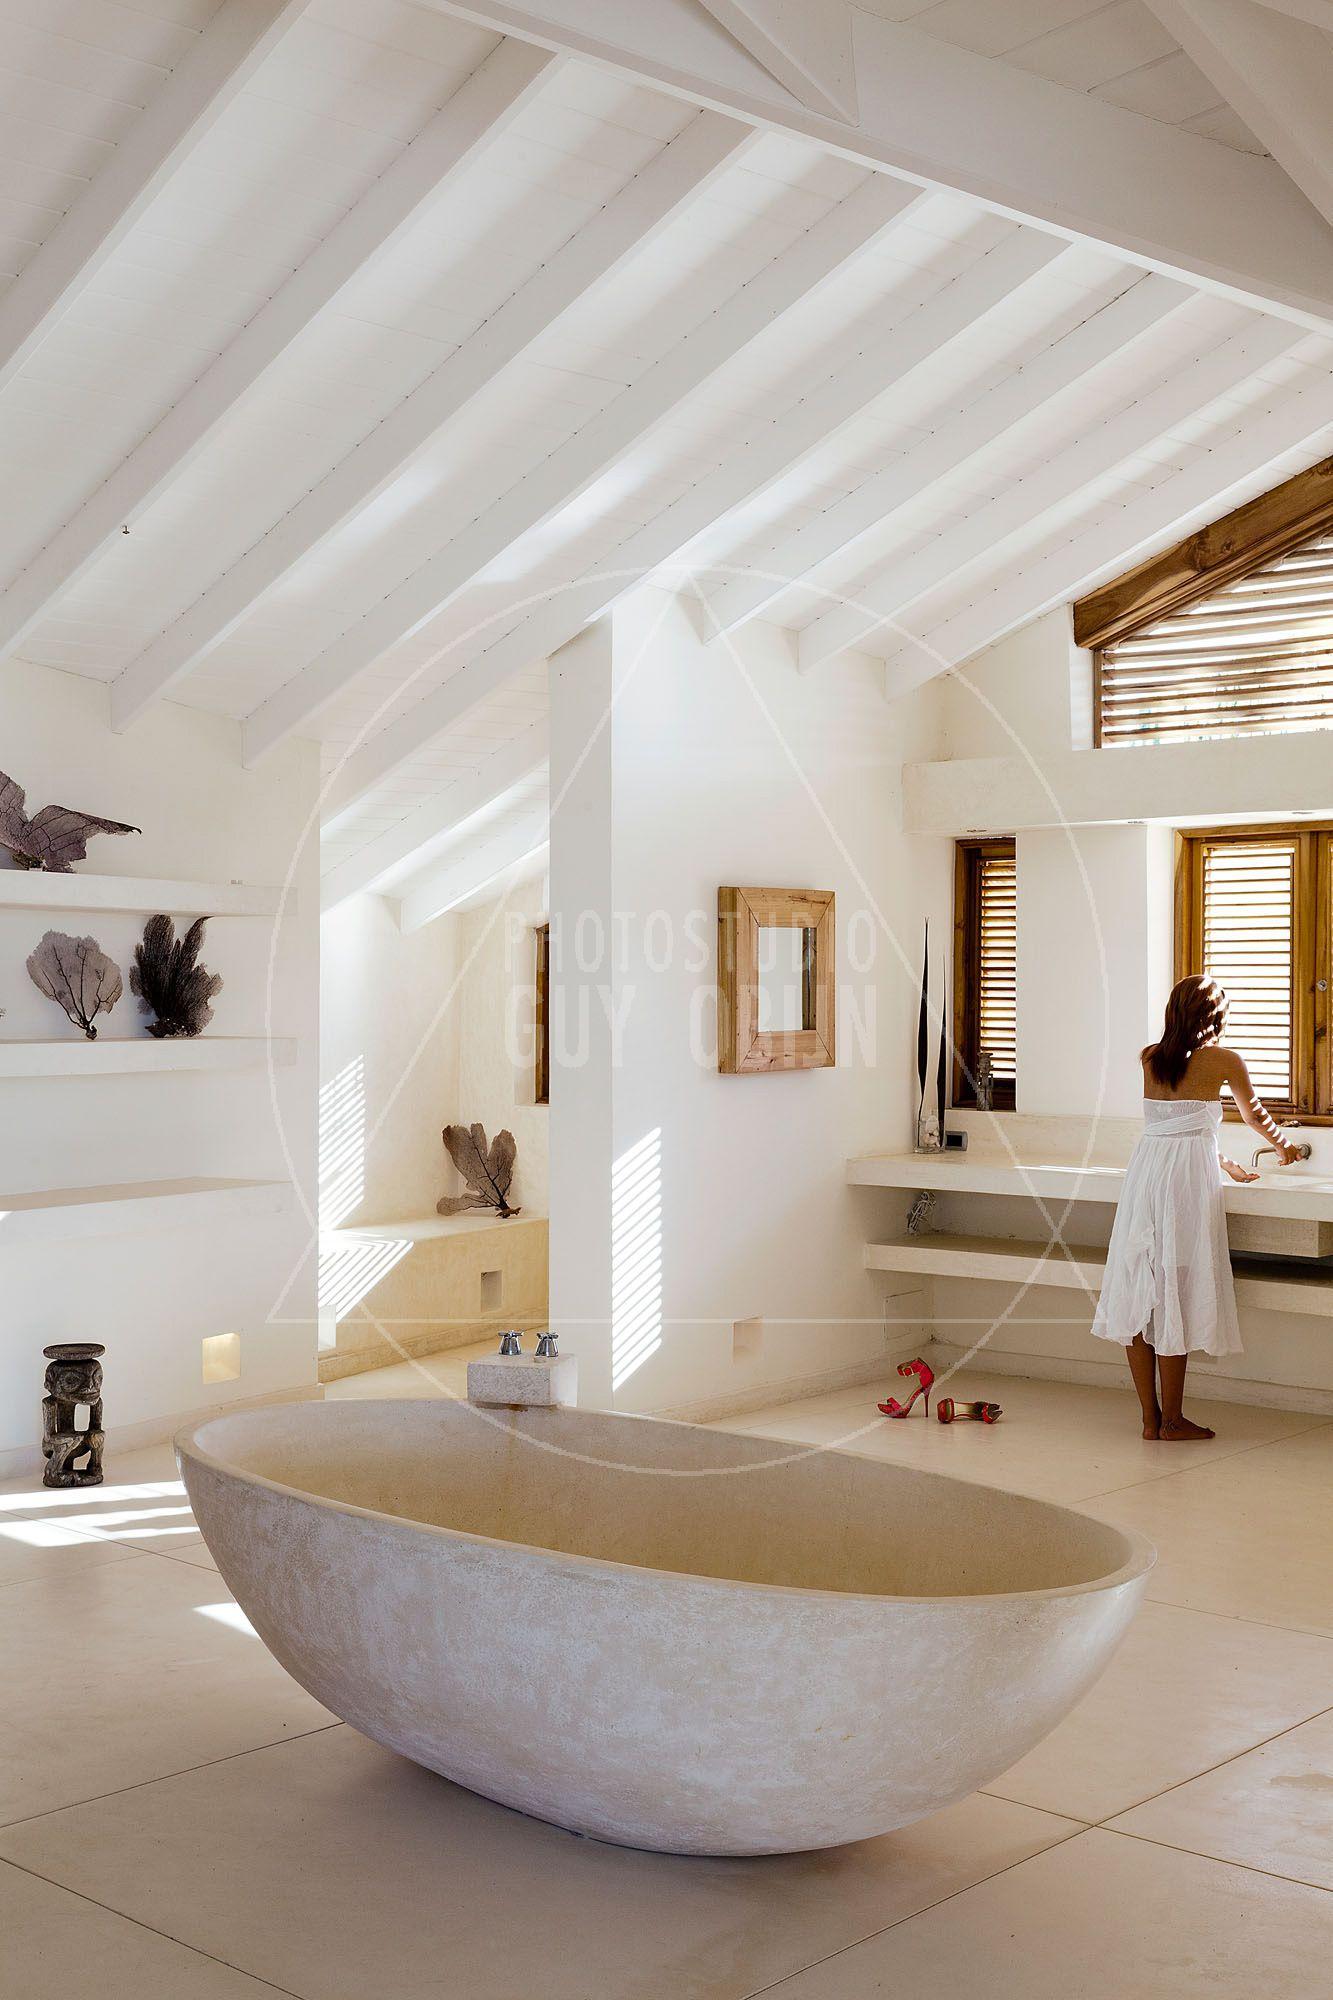 bathroom Dominican republic Bathroom interior design